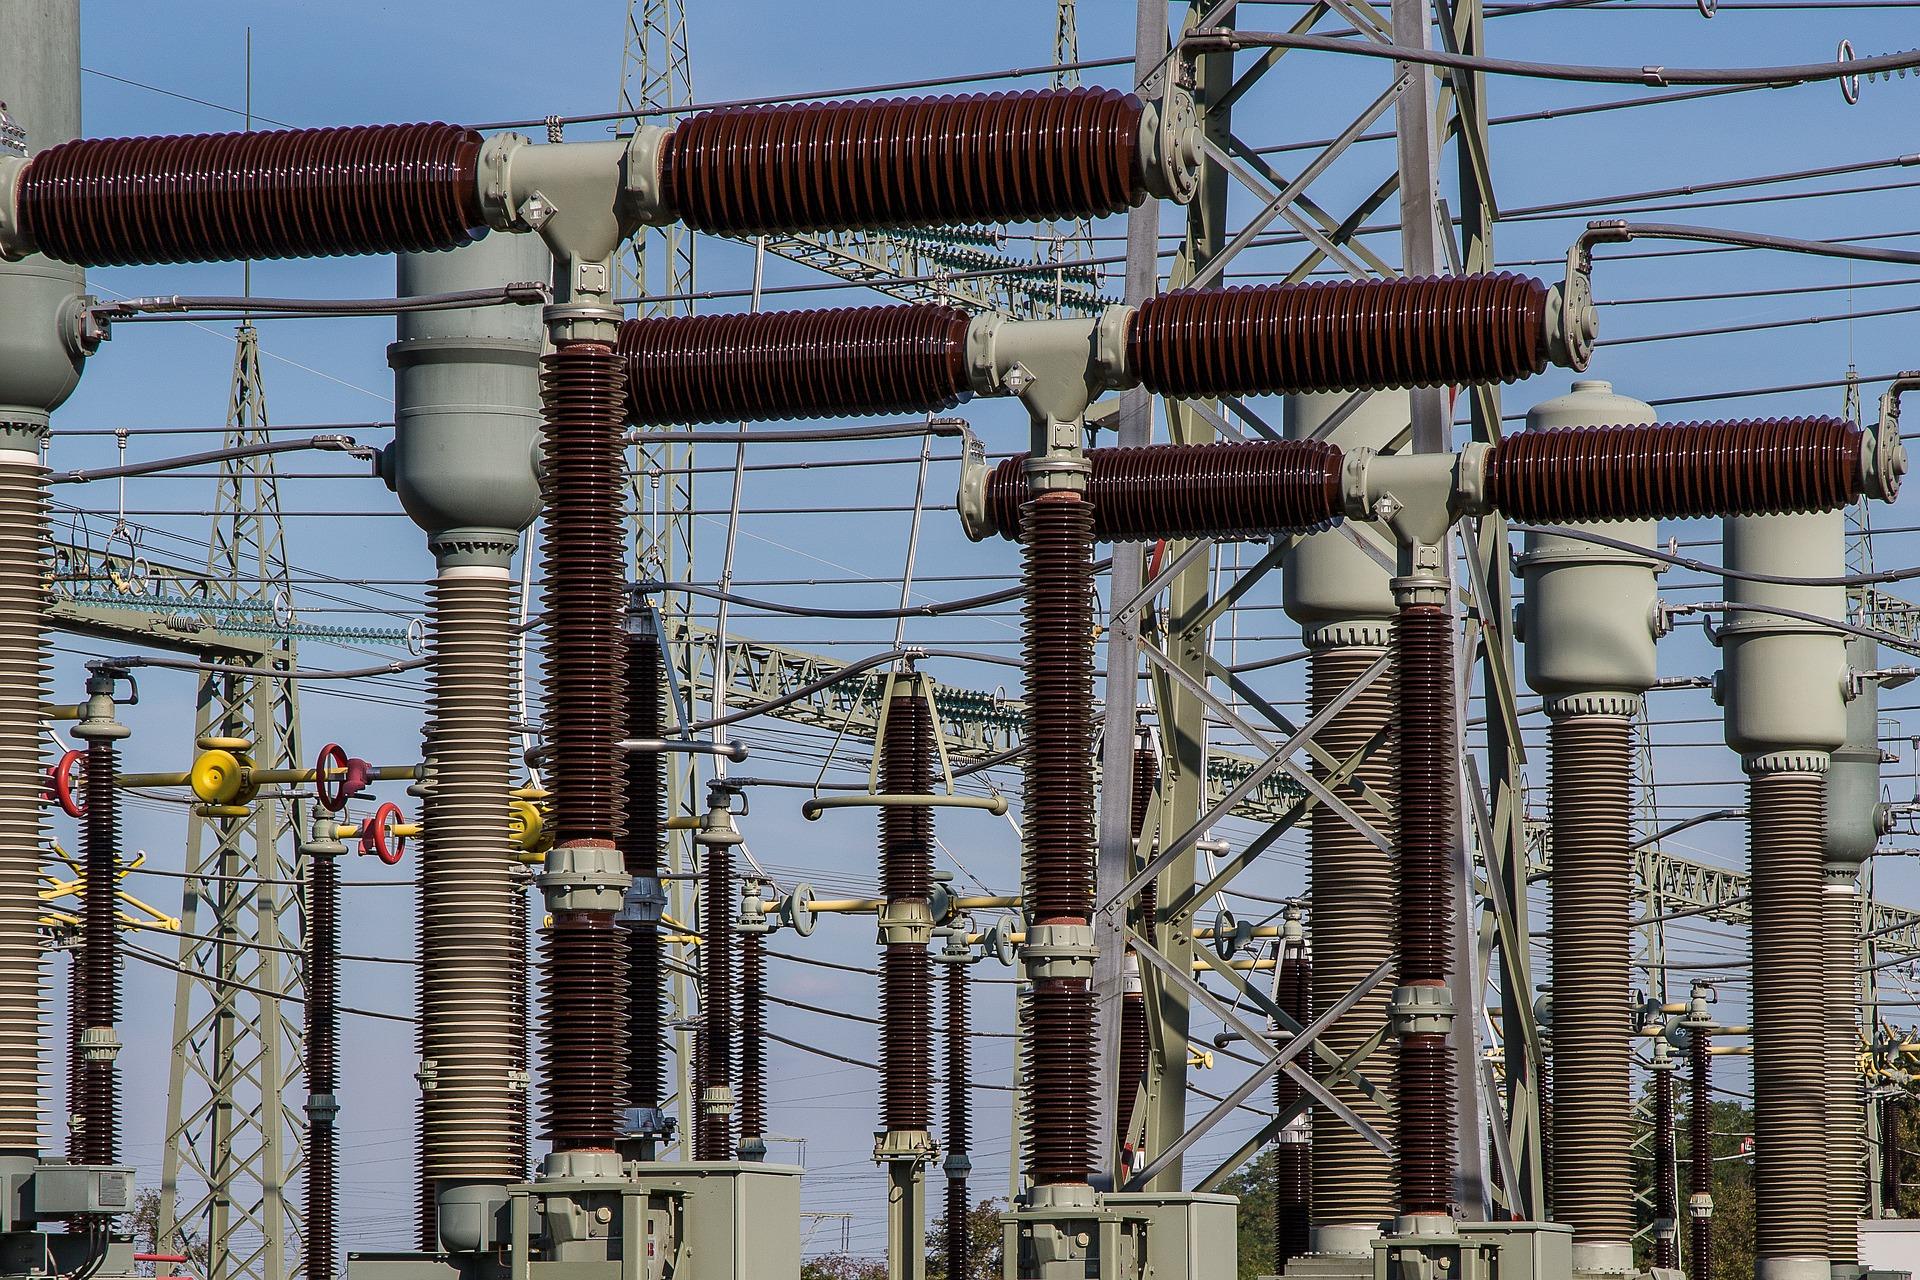 Přenosovou soustavu trápí výpadky uhelných elektráren, obnovitelné zdroje už ne